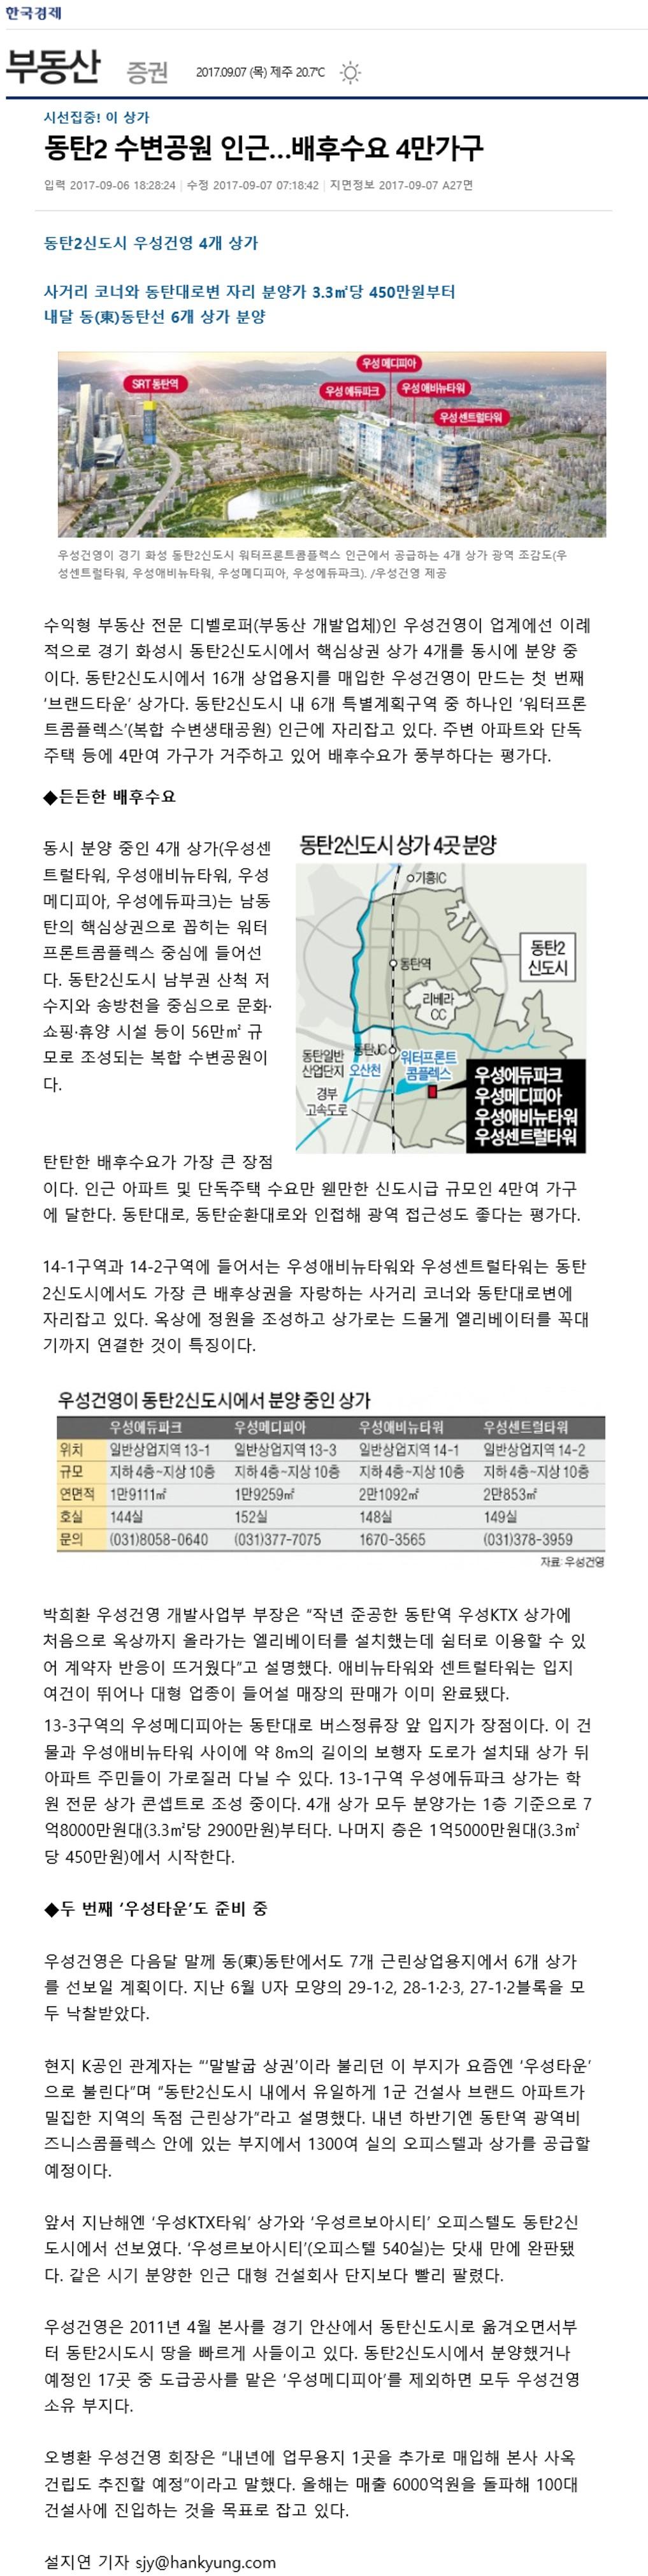 신문기사3.jpg